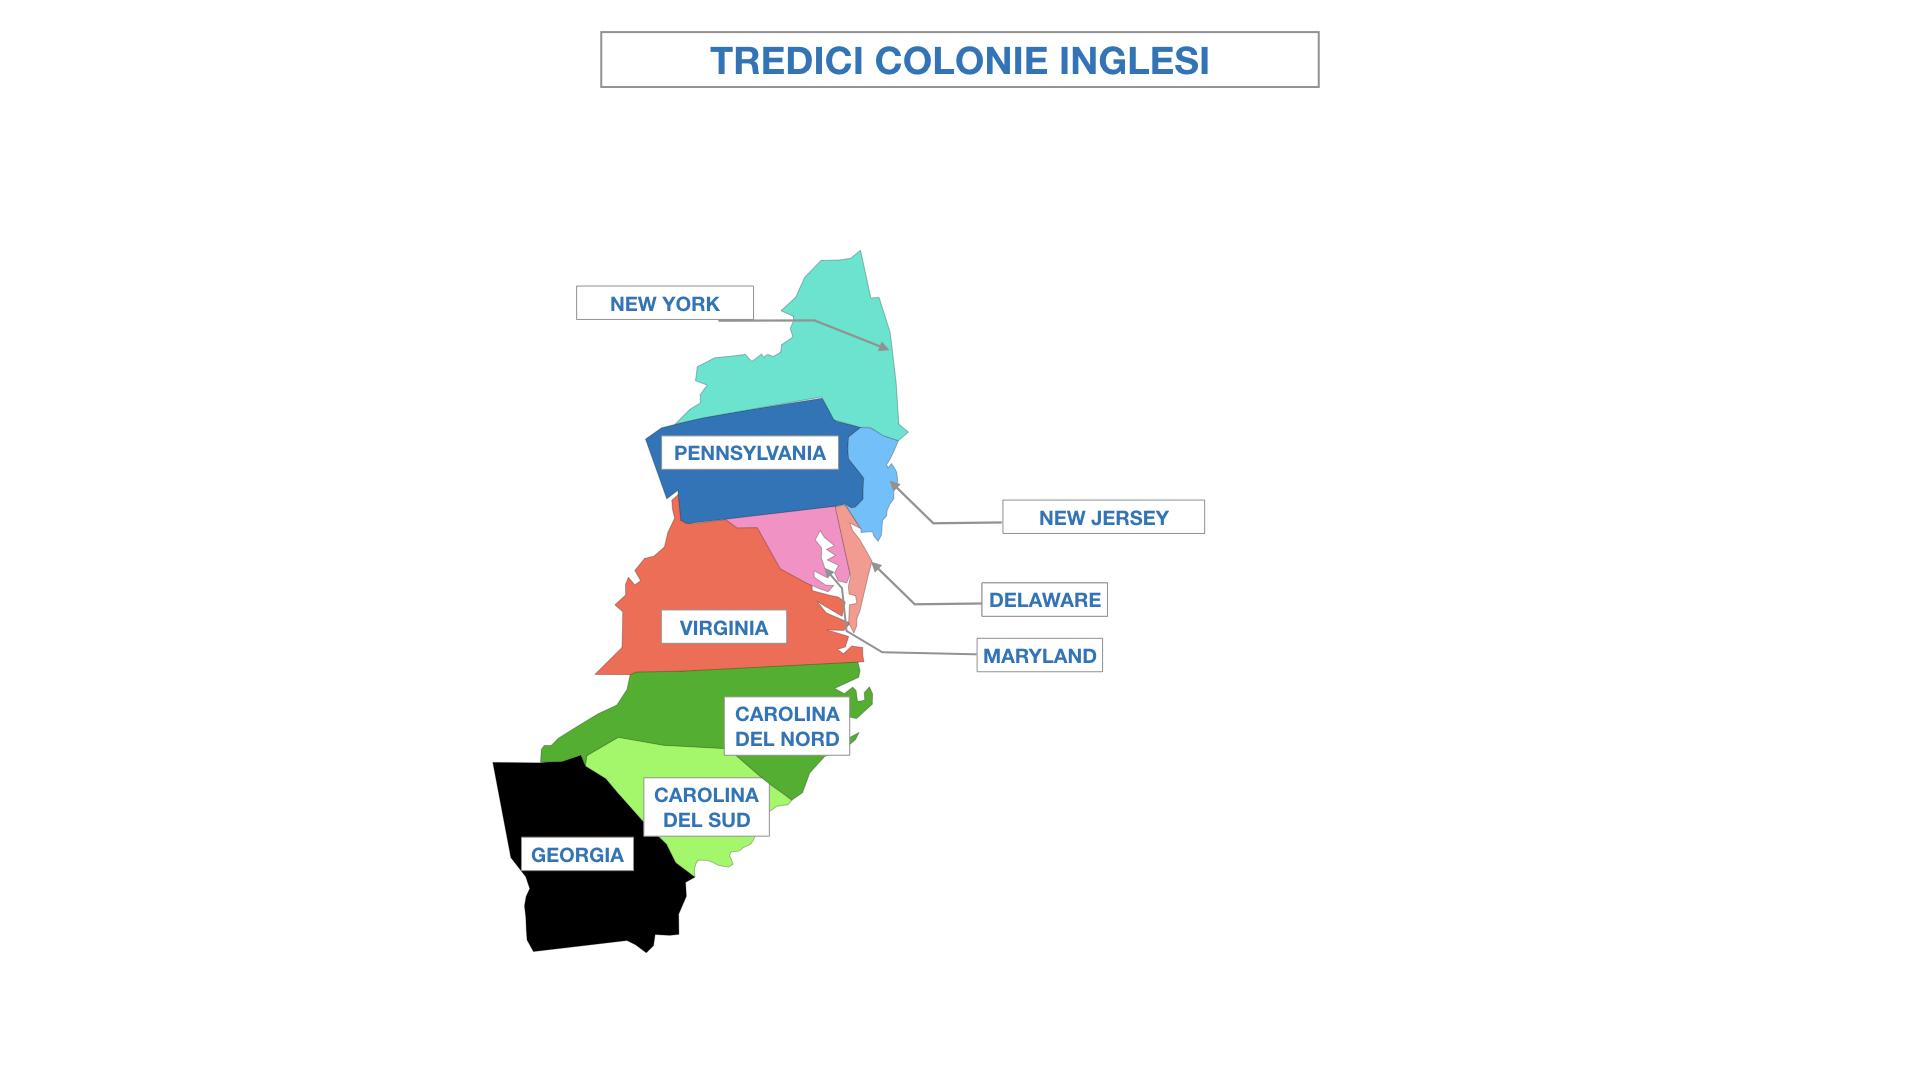 AMERICA LE TREDICI COLONIE INGLESI SIMULAZIONE.031